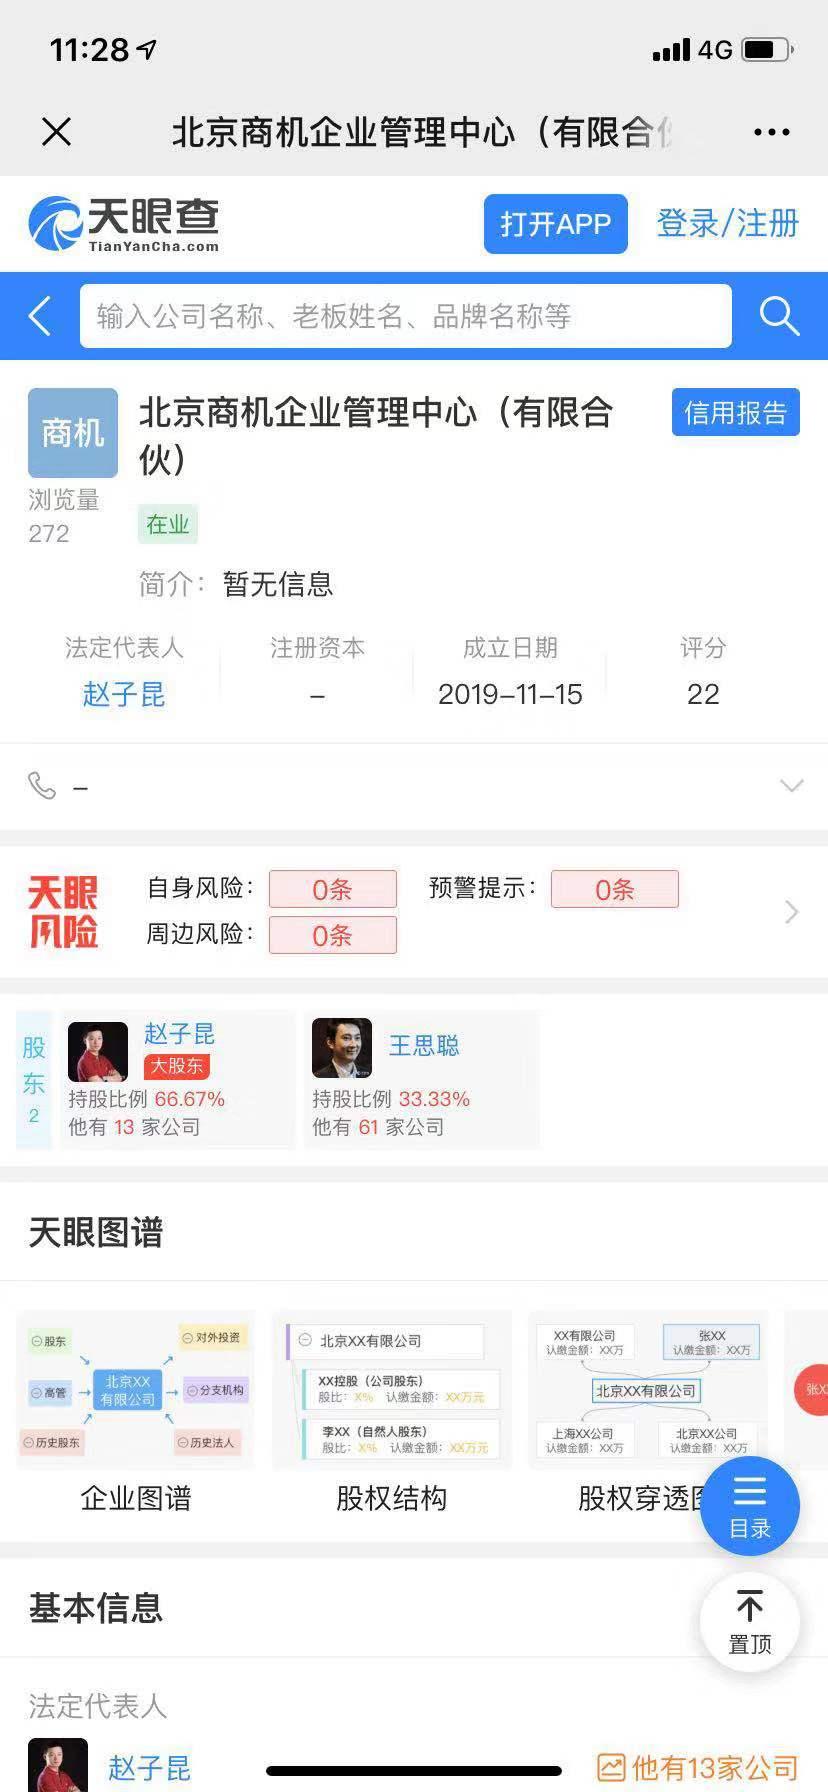 王思聪新增对外投资,入股北京一企业管理公司_限制